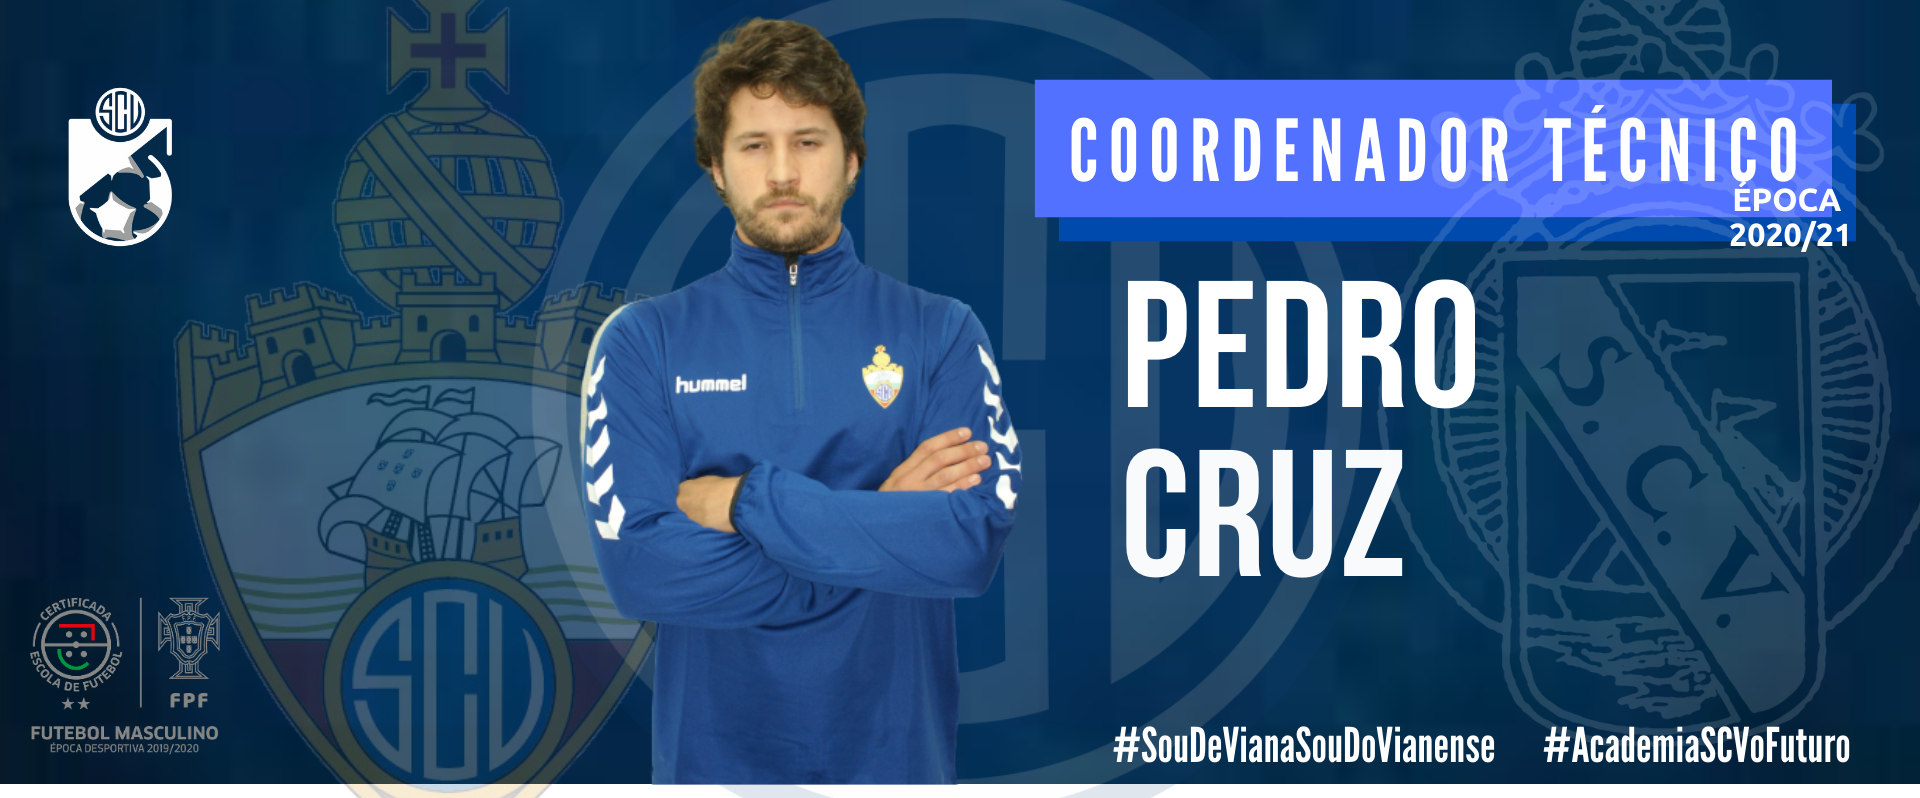 Pedro Cruz é o novo Coordenador Técnico da Academia do SC Vianense